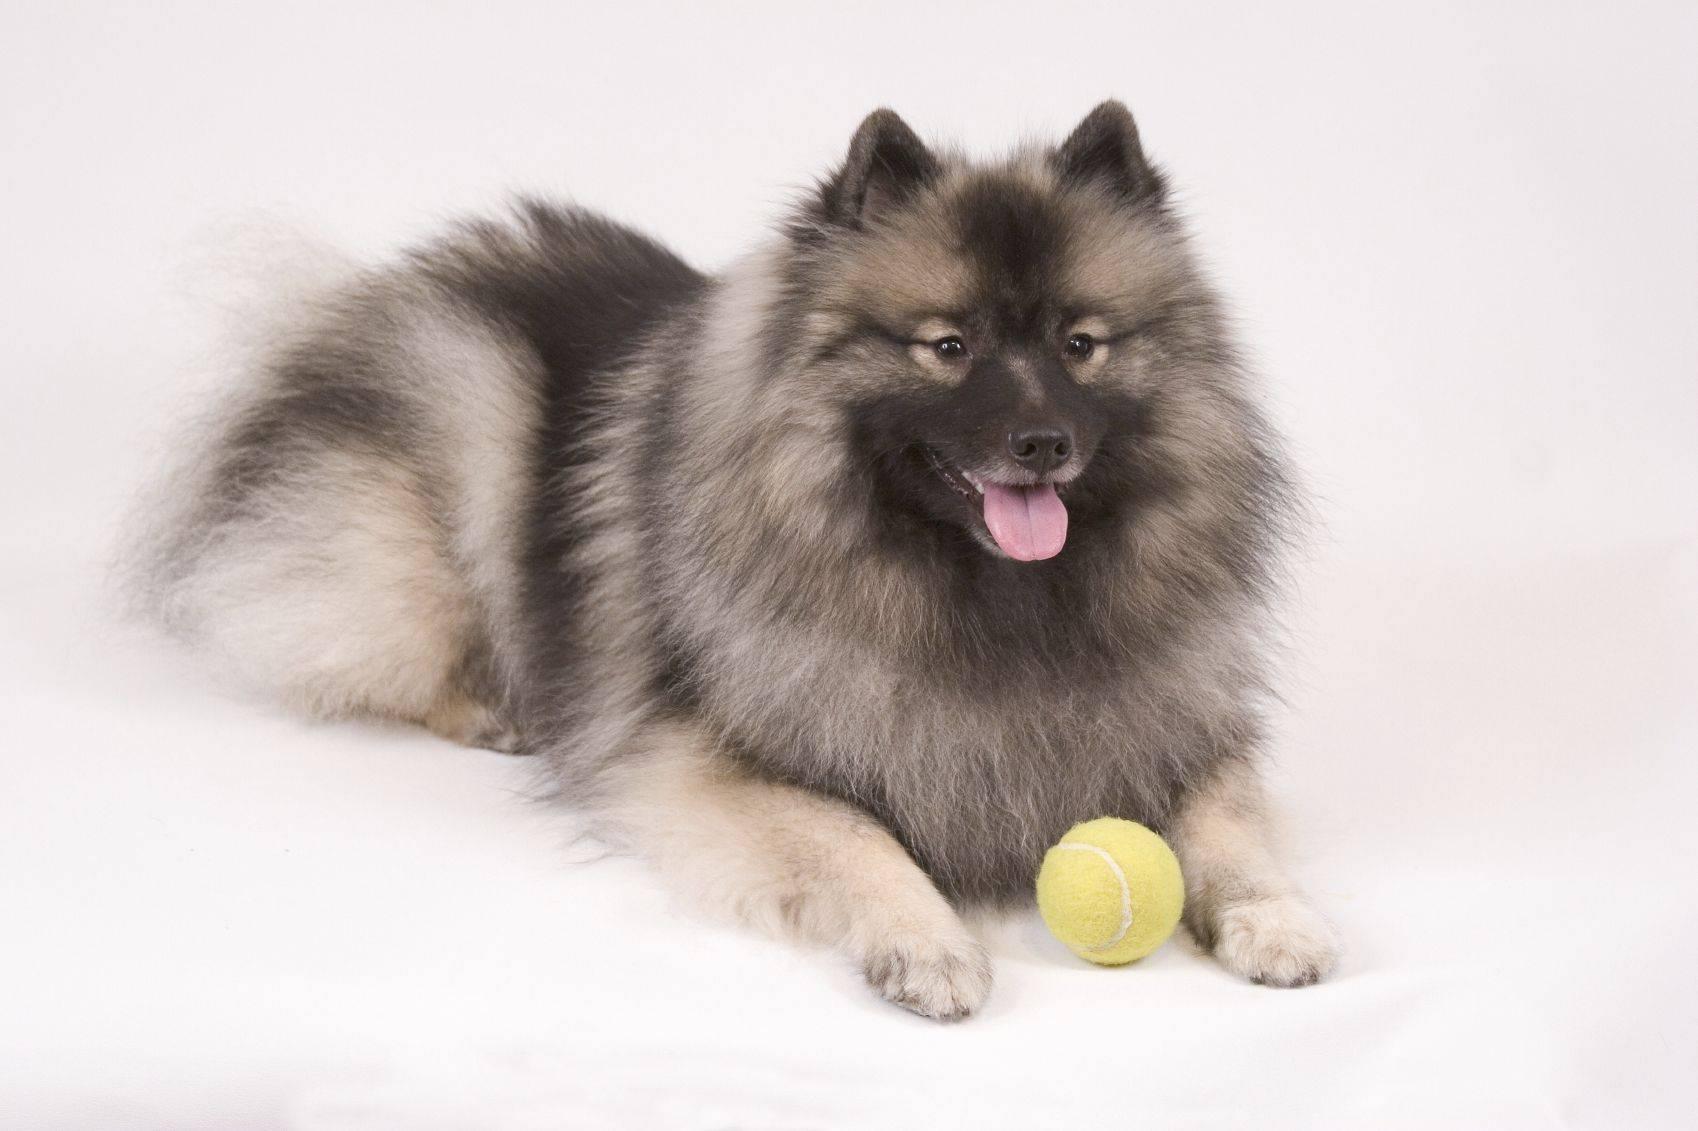 Кеесхонд (вольфшпиц) - описание породы и характер собаки